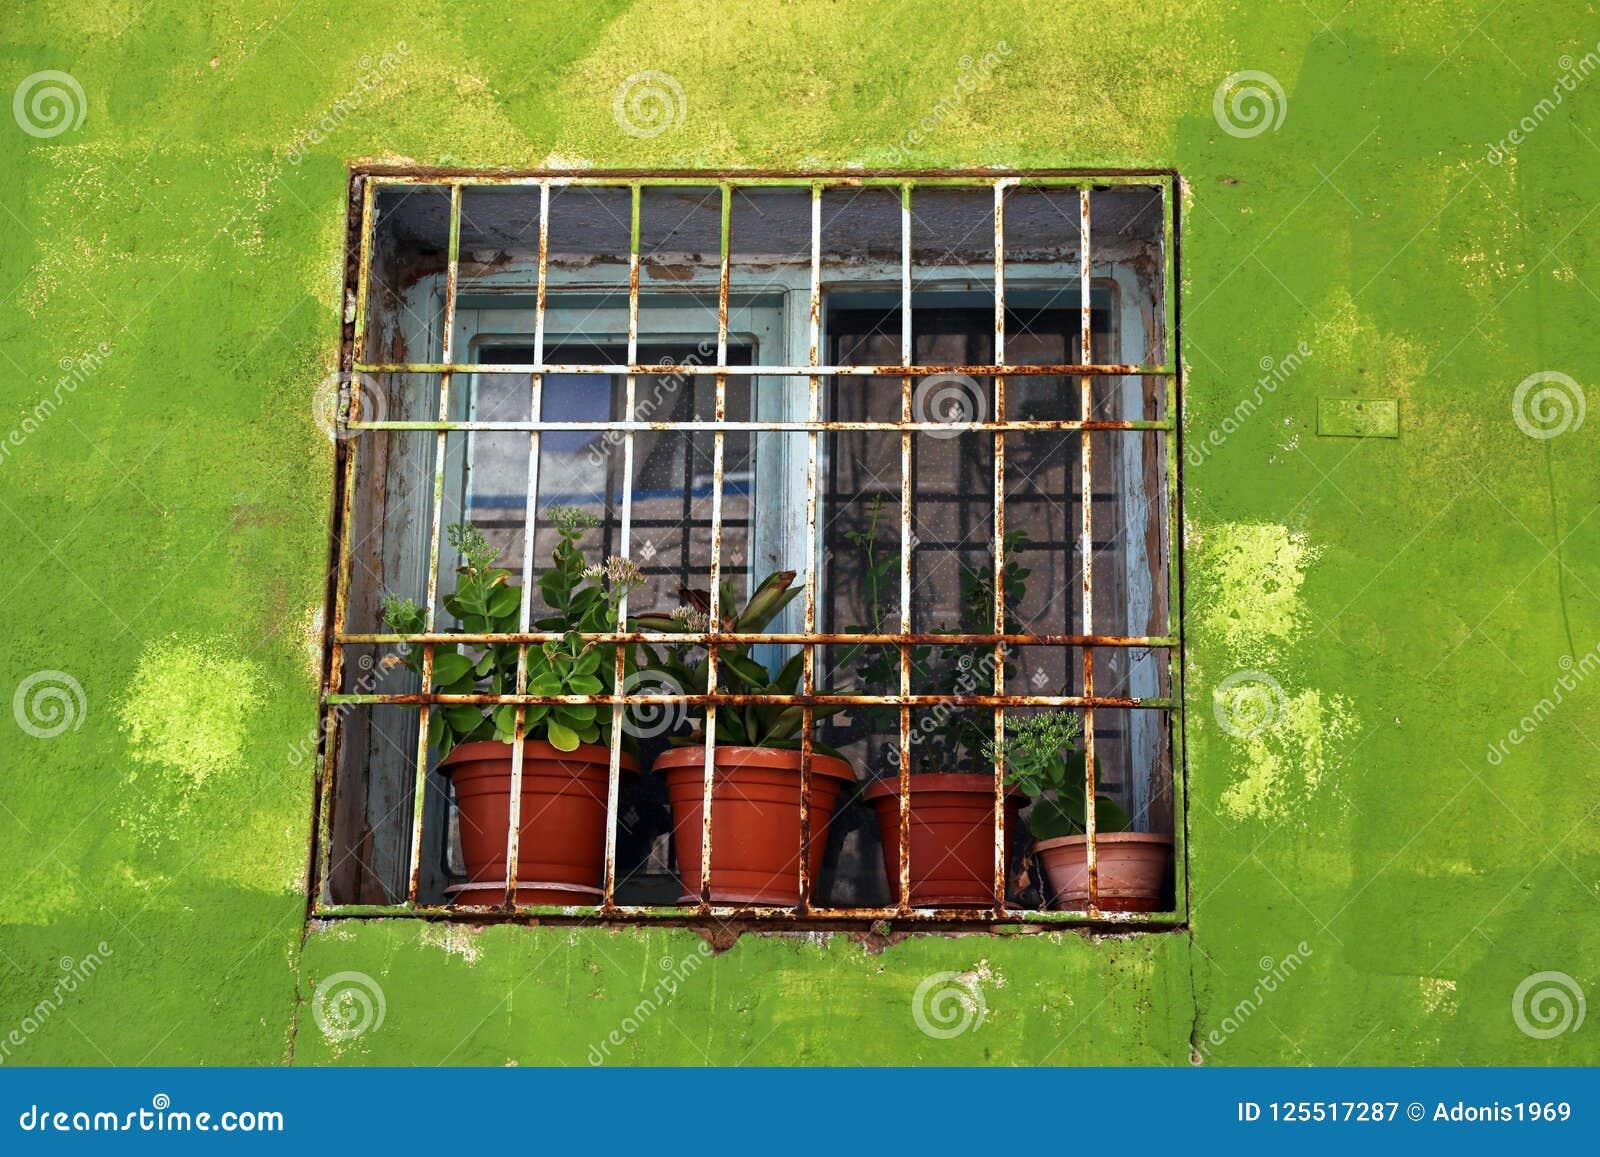 Fenster gestaltet durch eine grüne Wand